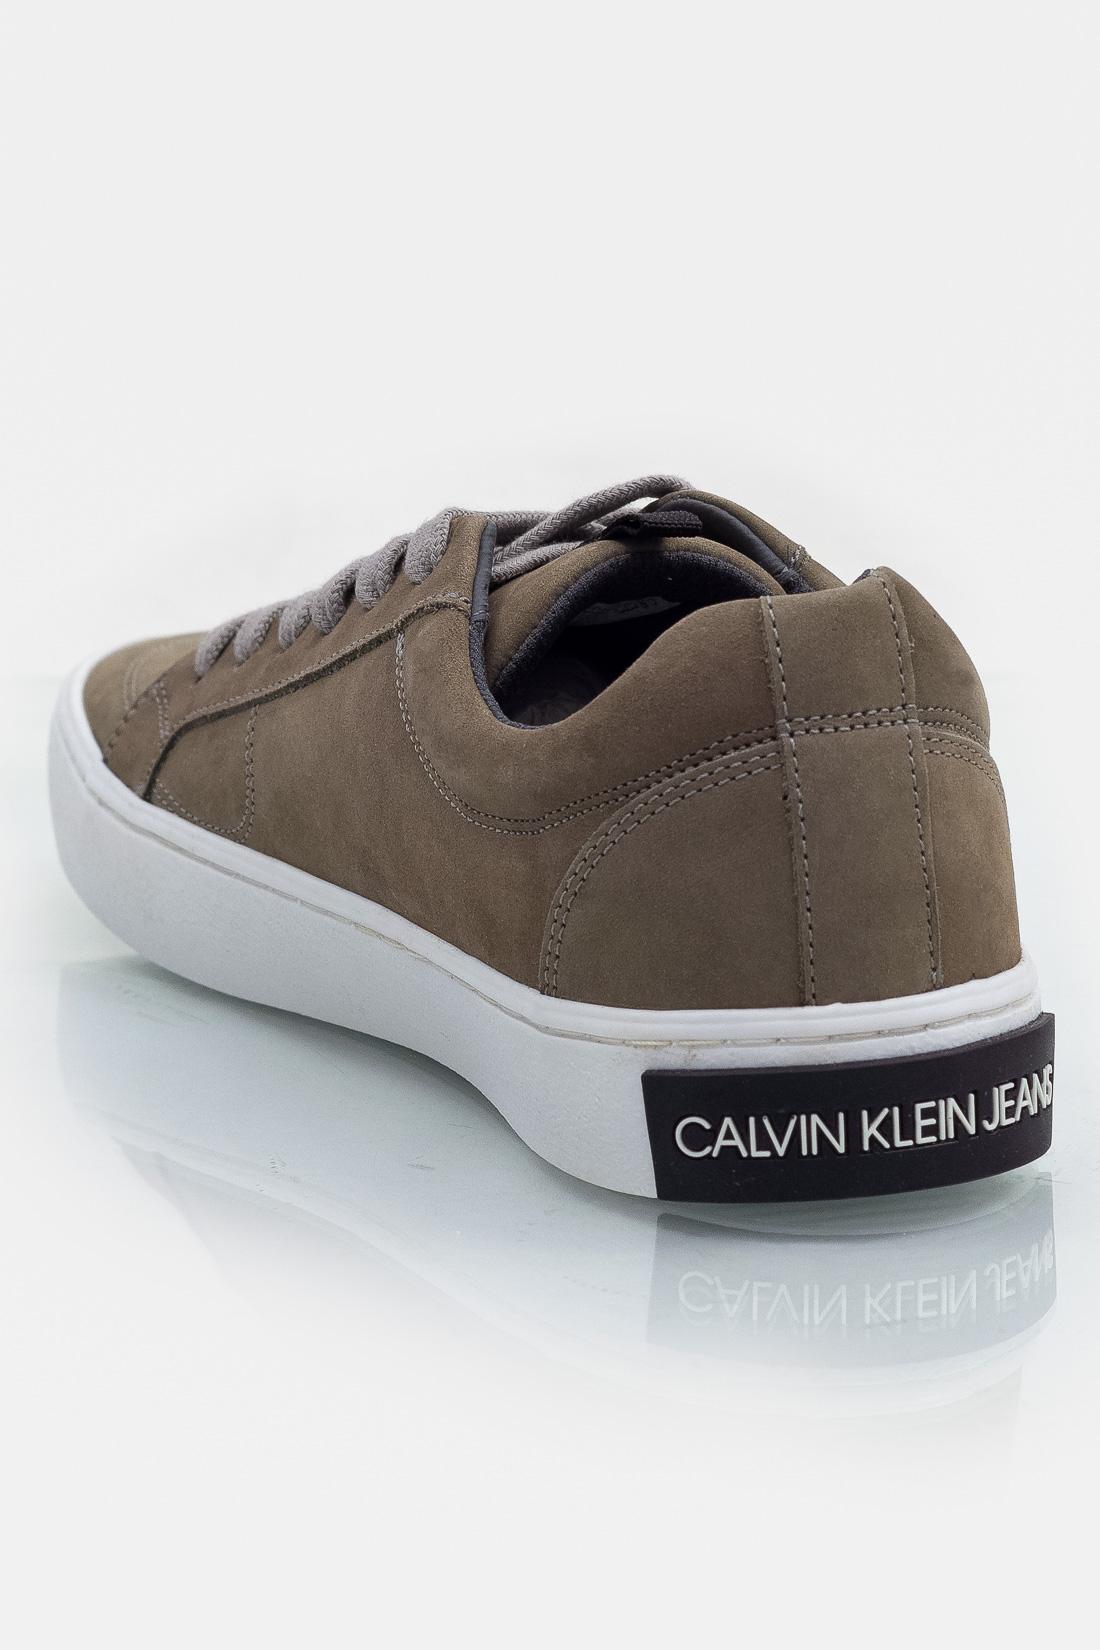 Tenis Casual Calvin Klein Skate Nobuck Liso